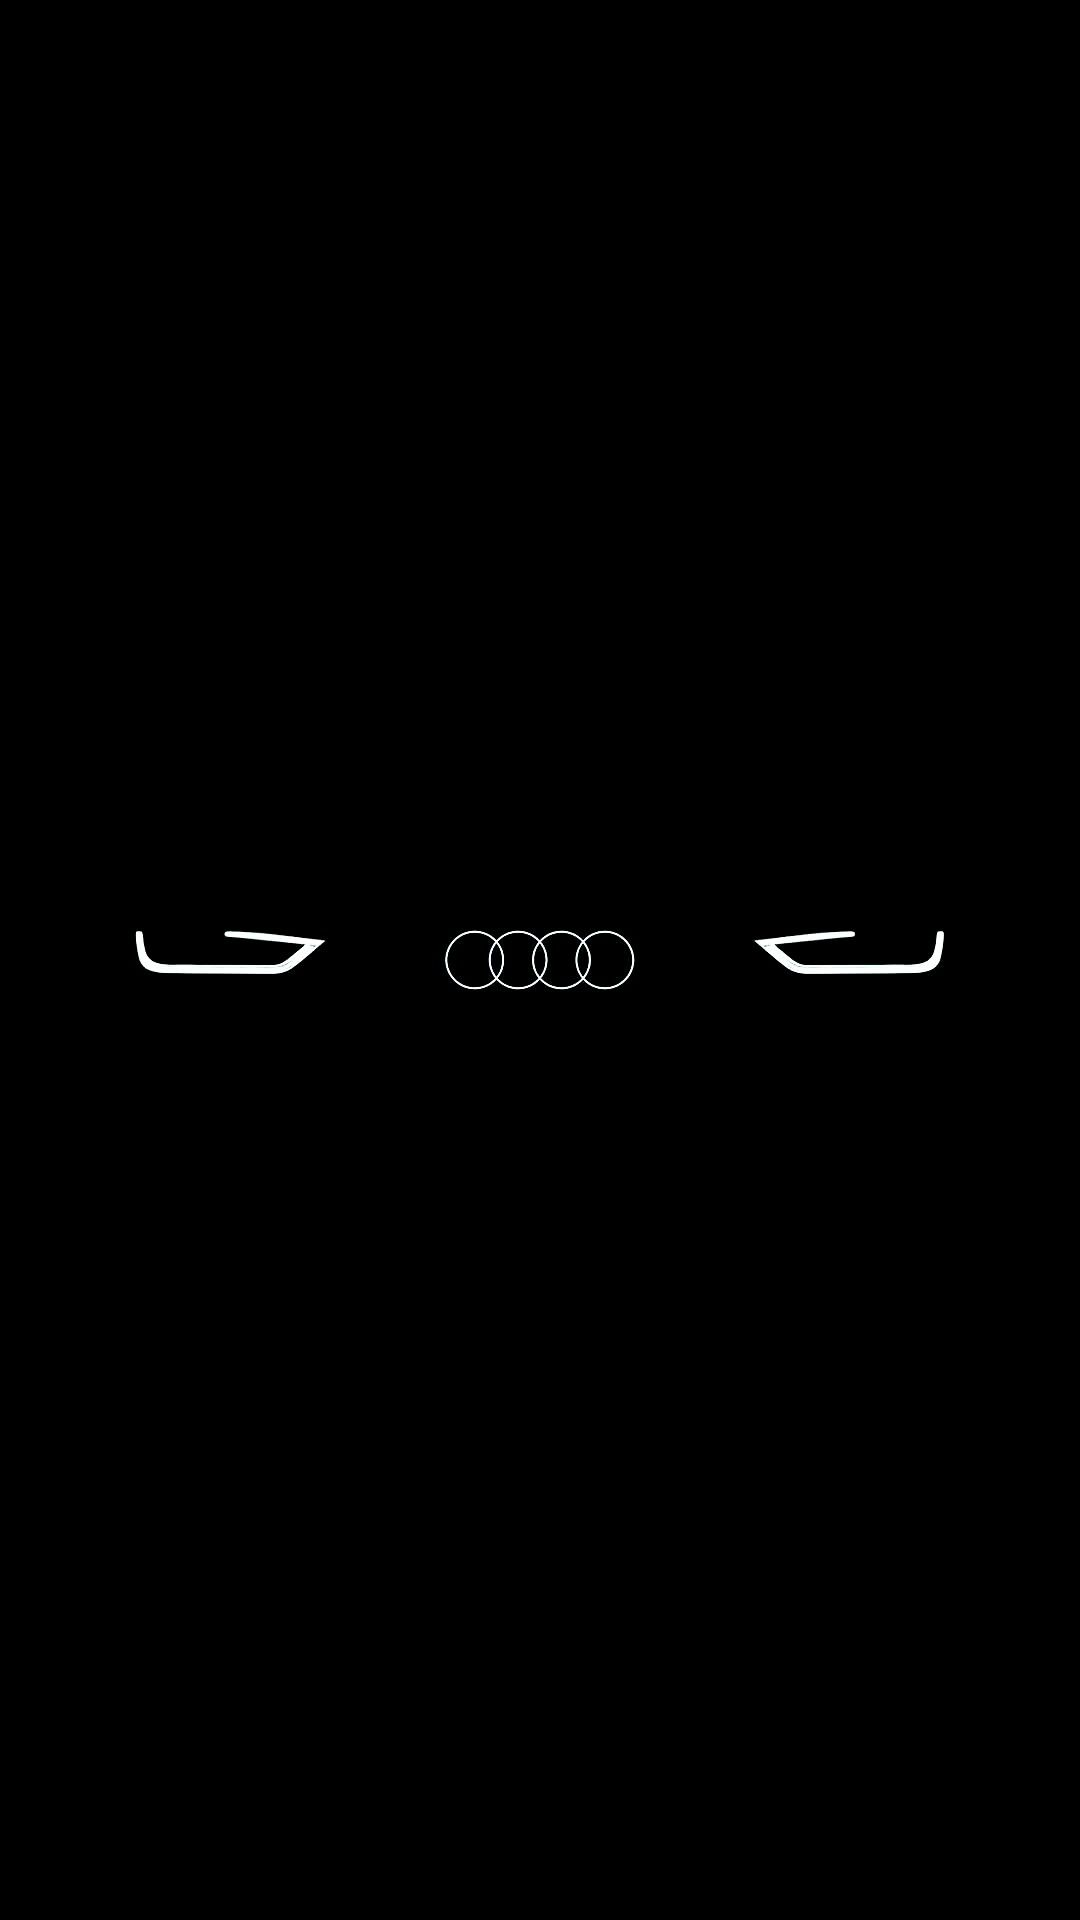 Audi Shadow 車の壁紙 車 ロゴ アウディ